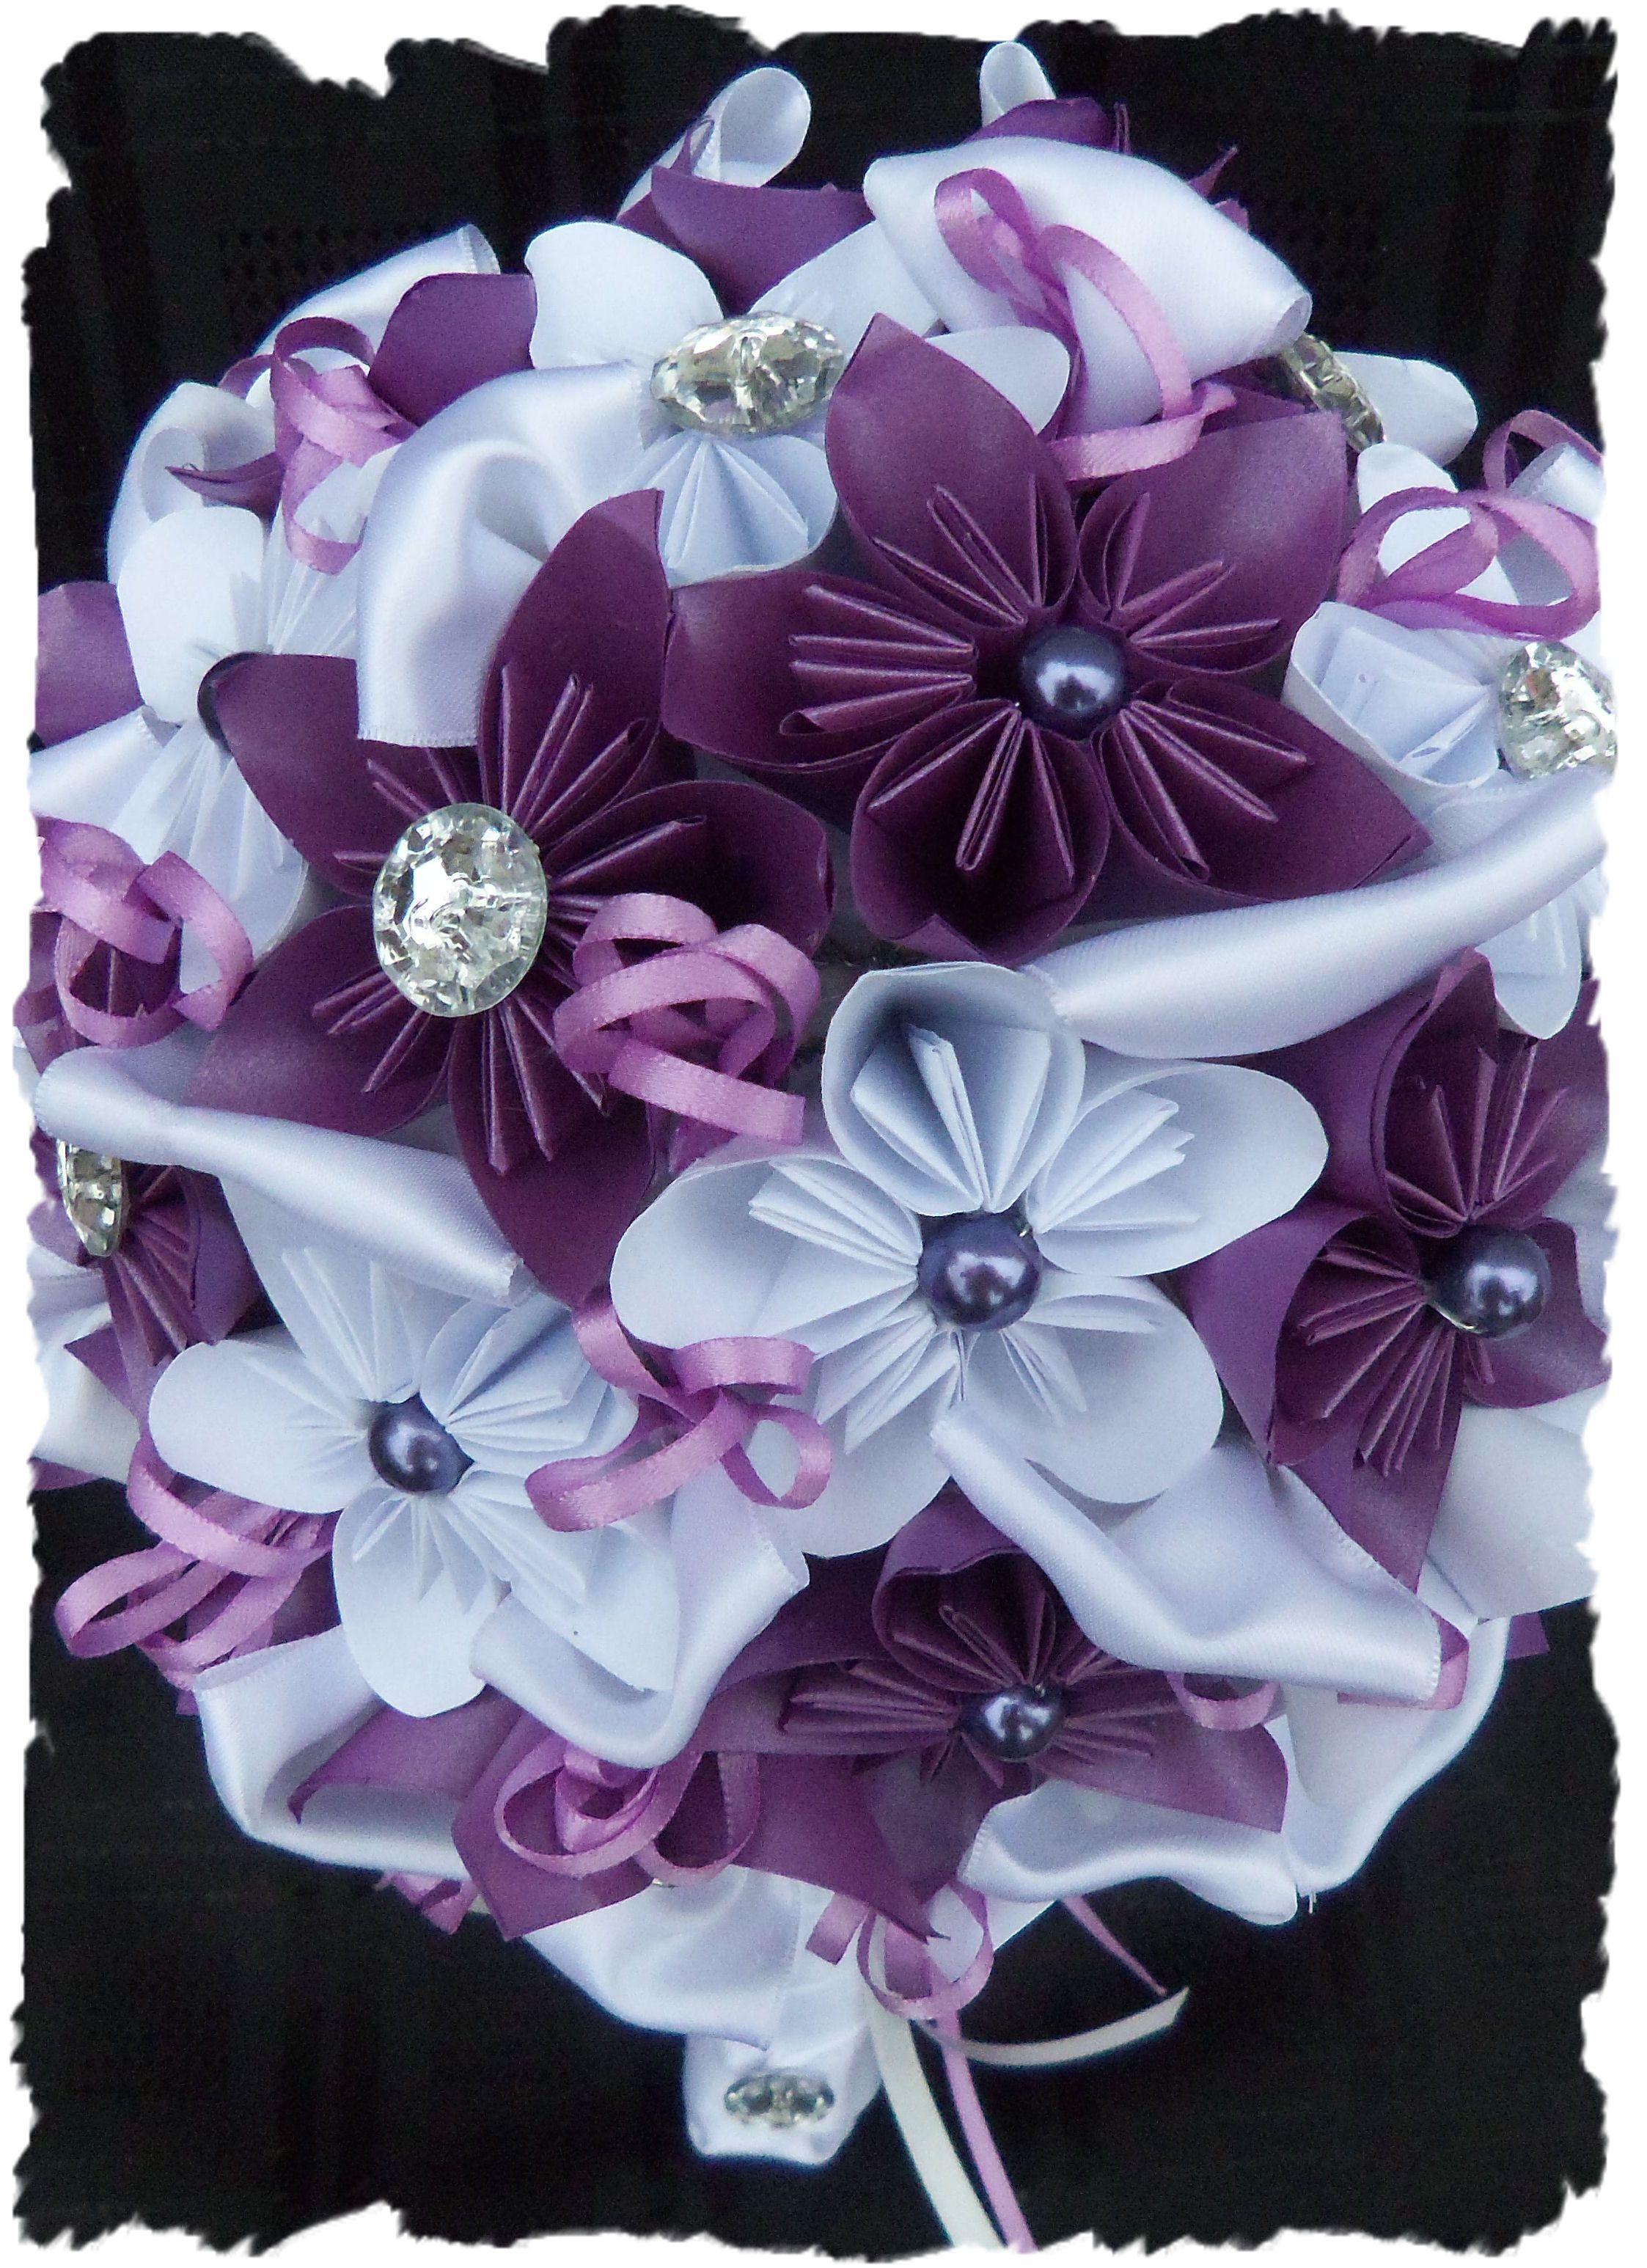 paper wedding Bouquet Handmade flowers paper, Paper